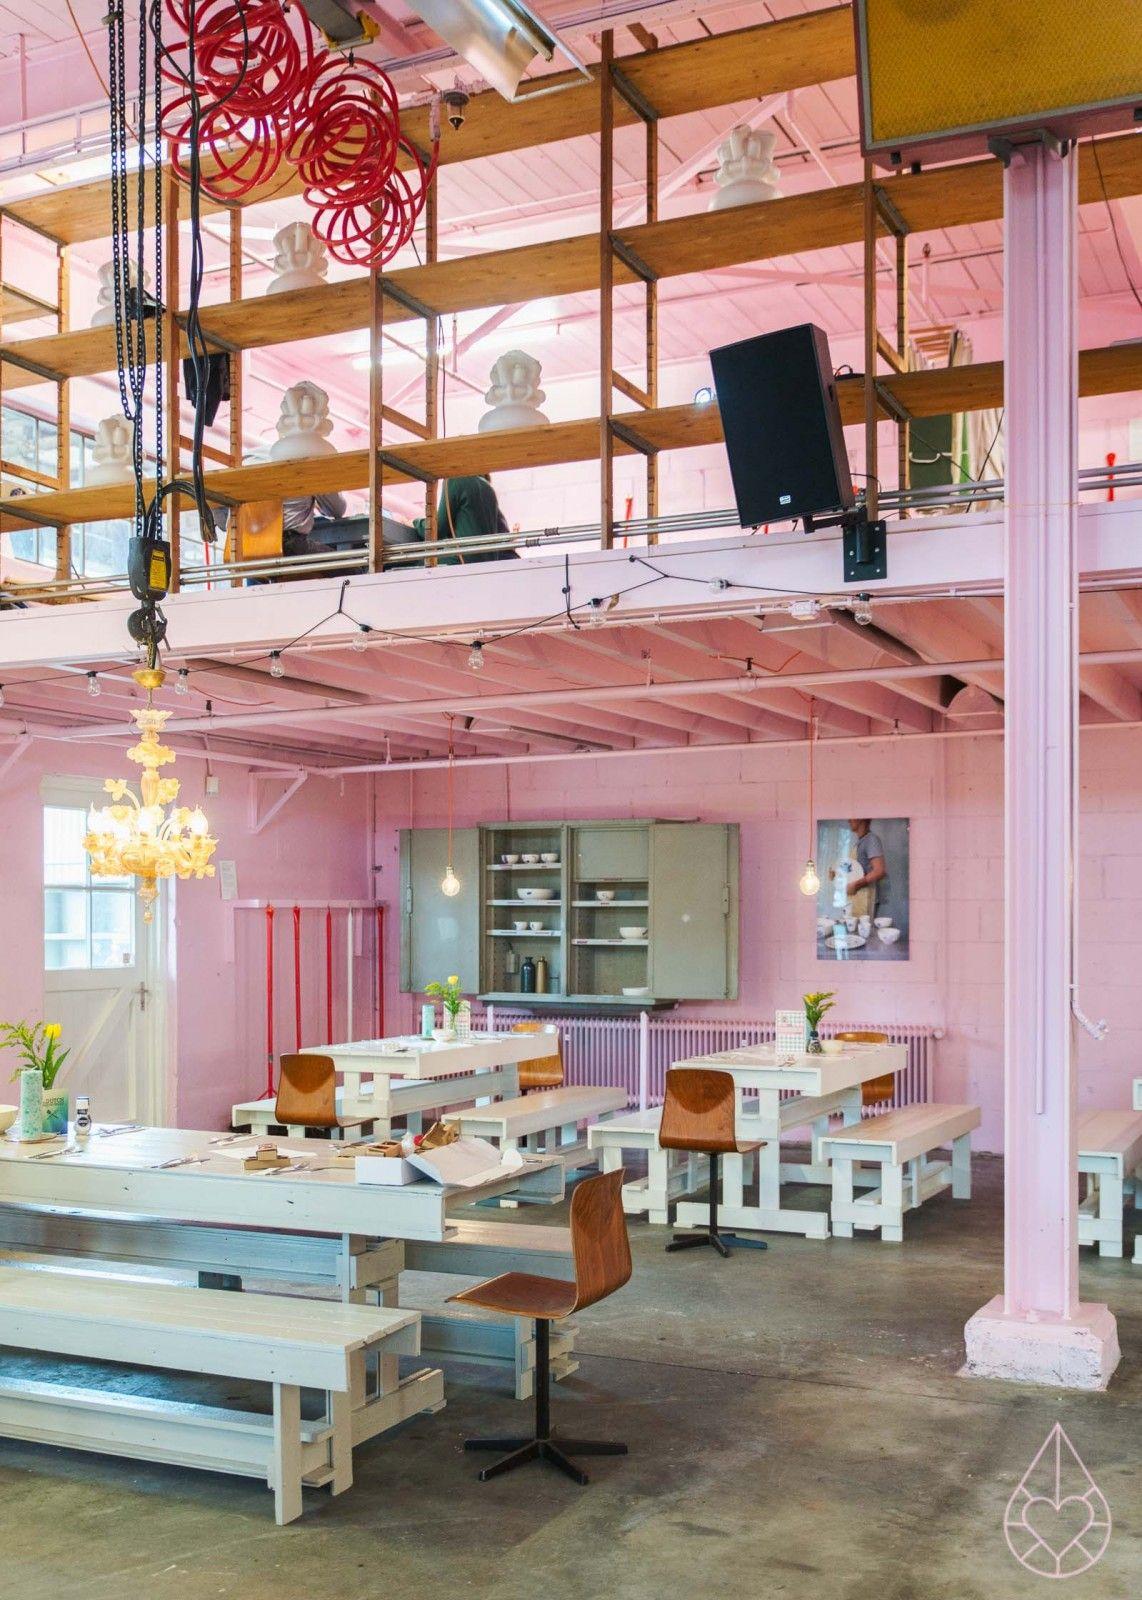 restaurant van aken pink restaurantrestaurant ideascafe